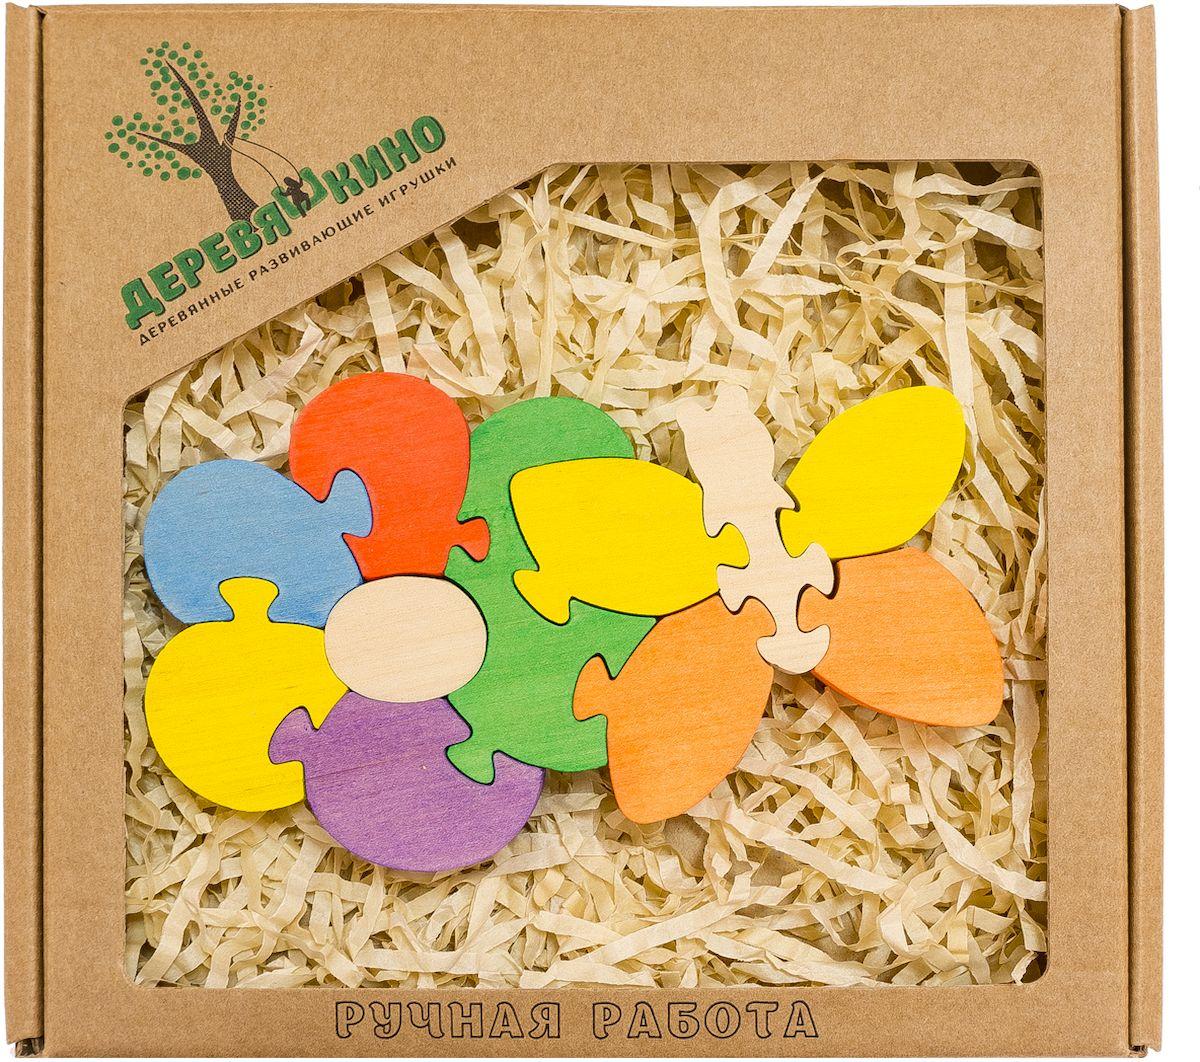 Деревяшкино Пазл для малышей Цветок с бабочкой283Развивающая деревянная головоломка Цветок с бабочкой (средней степени сложности) подходит для мальчиков и девочек в возрасте 3-5лет, состоит из 11 деталей. Экологически чистый продукт: изготовлено вручную из массива березы. Игрушка раскрашена пищевой водостойкой краской, что делает взаимодействие с изделием абсолютно безопасным: никаких лаков, «химии» или добавок. Процесс сборки деревянных пазлов развивает: тактильную сенсорику, внимательность, усидчивость, пространственное мышление, мелкую моторику, а так же учит различать элементы по цвету, форме и размеру. С продукцией компании Деревяшкино, Ваши детки развиваются, играя без риска для здоровья.